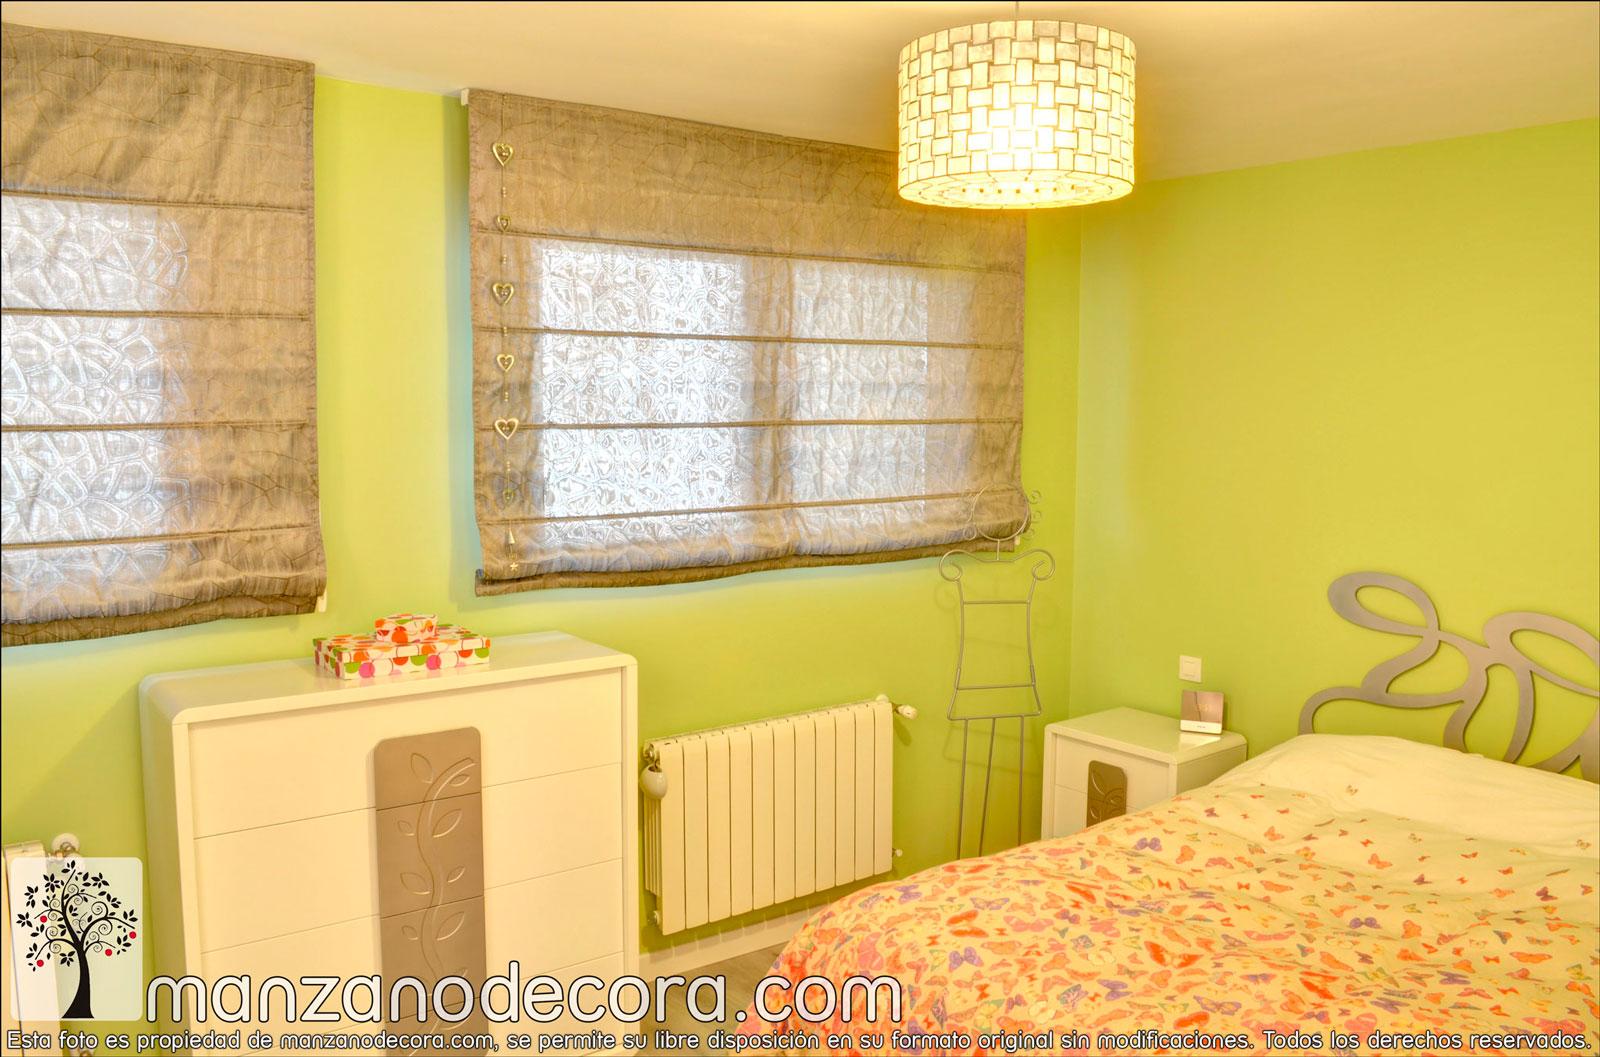 Estores de varillas cortinas manzanodecora - Rieles para estores ...